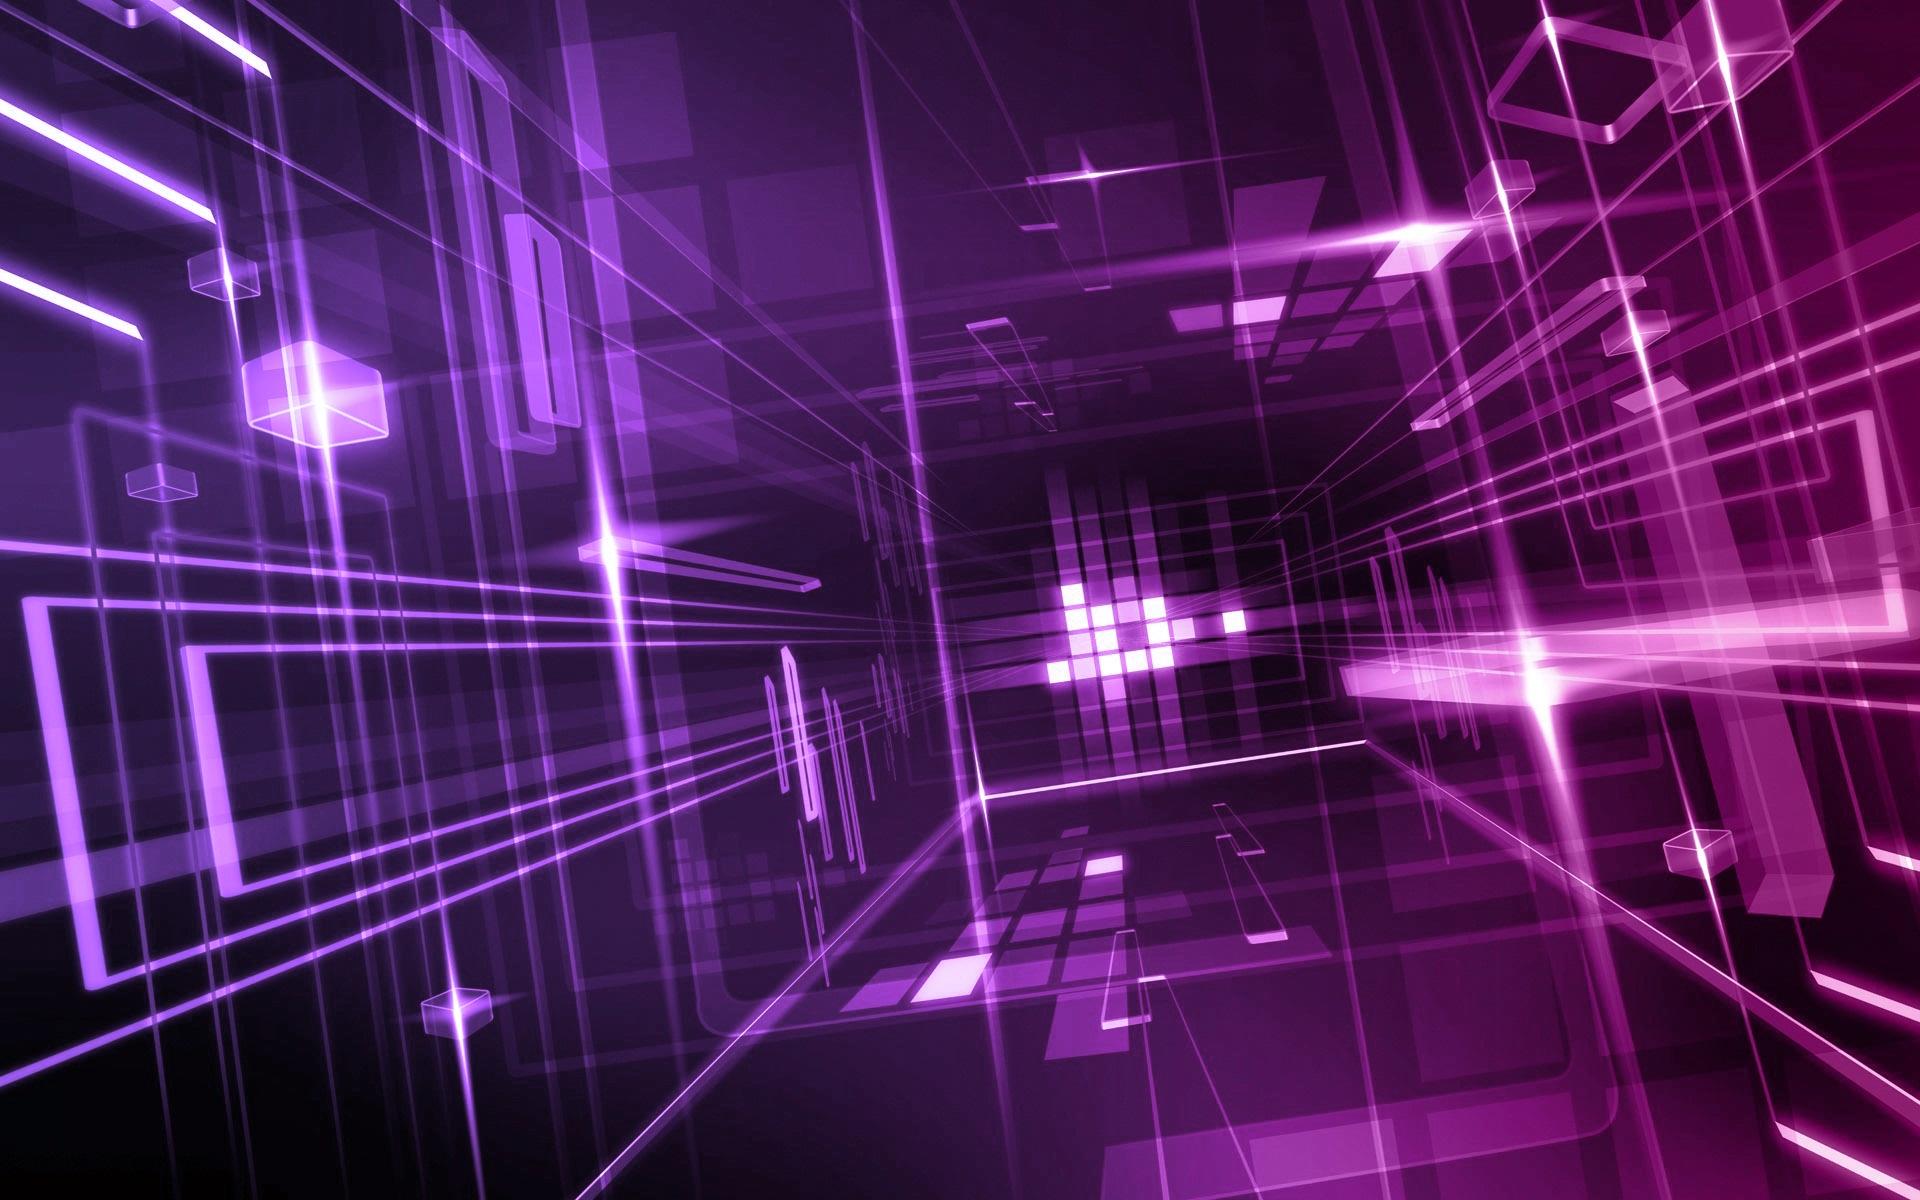 purple glass wallpaperdakirby309 on deviantart